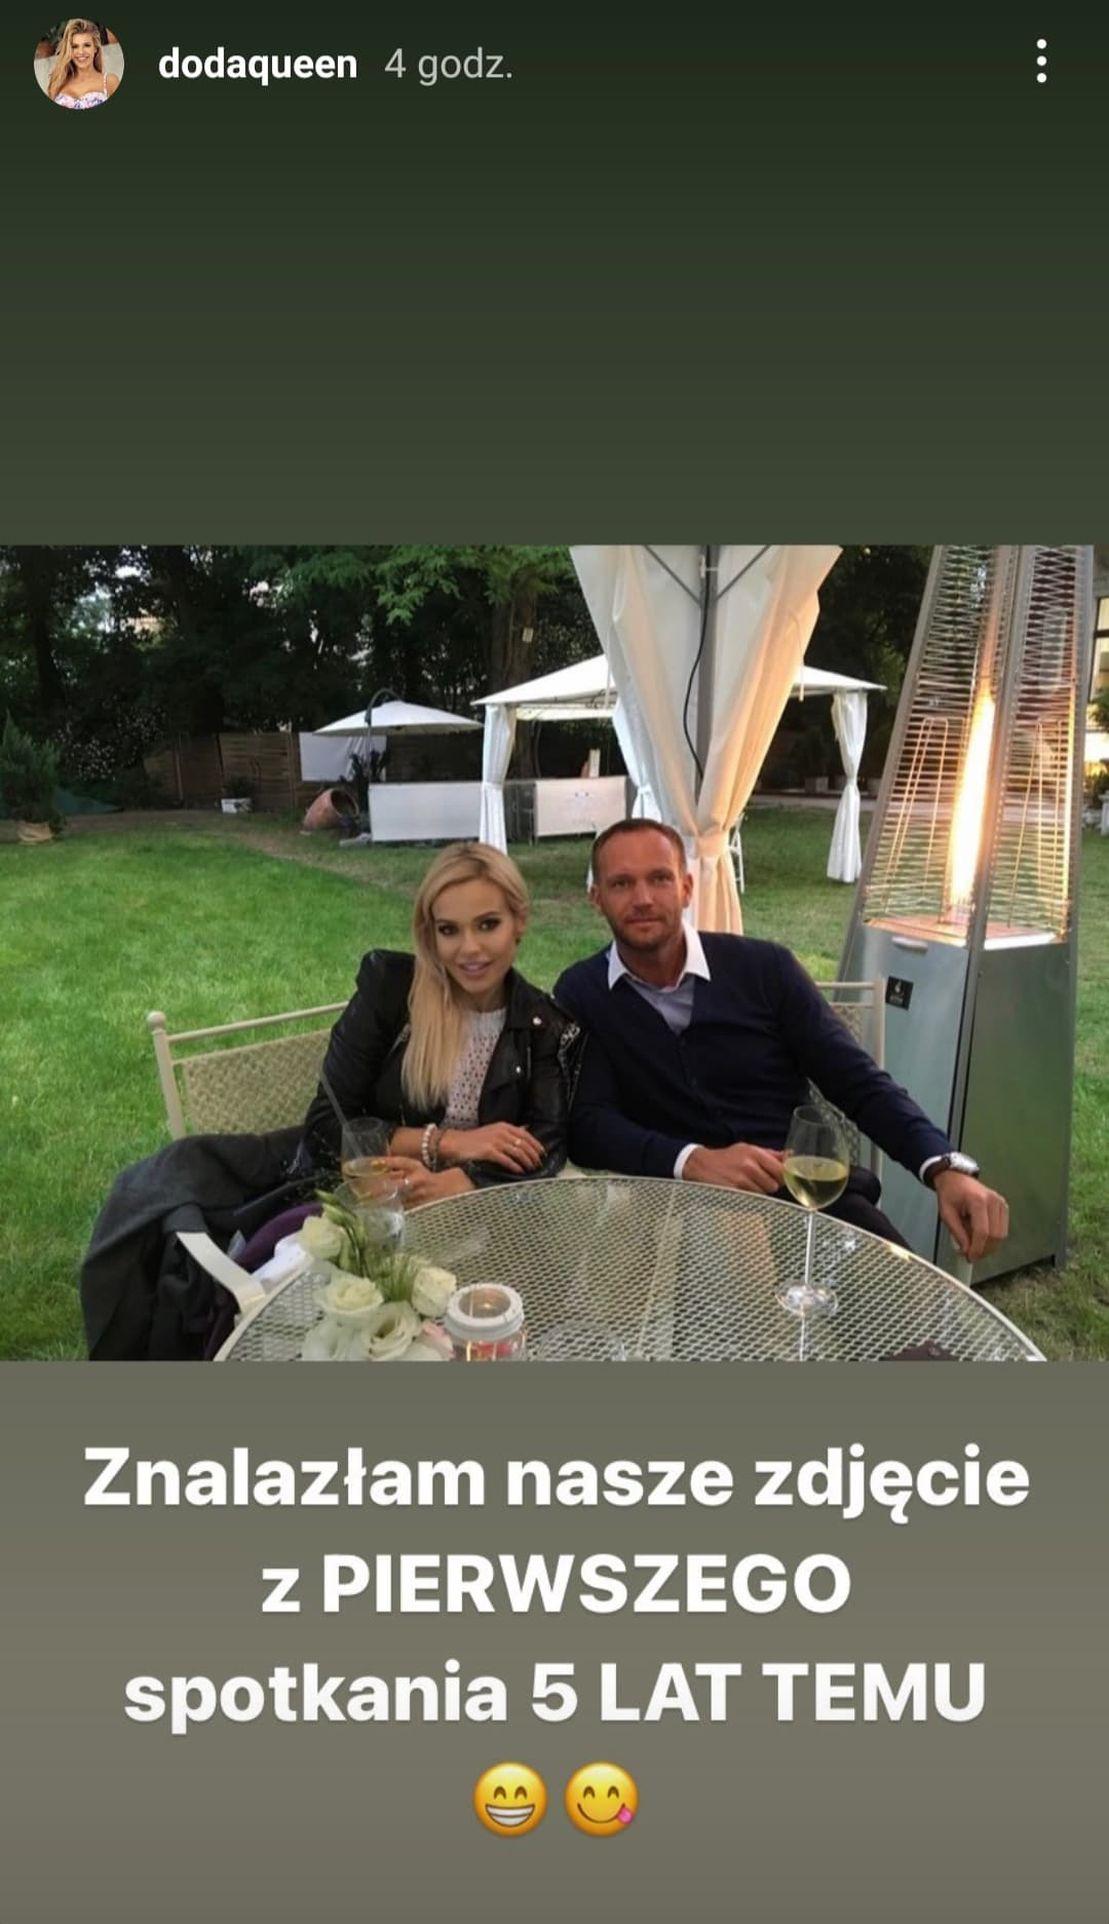 Doda pokazała zdjęcie z pierwszego spotkania z Emilem